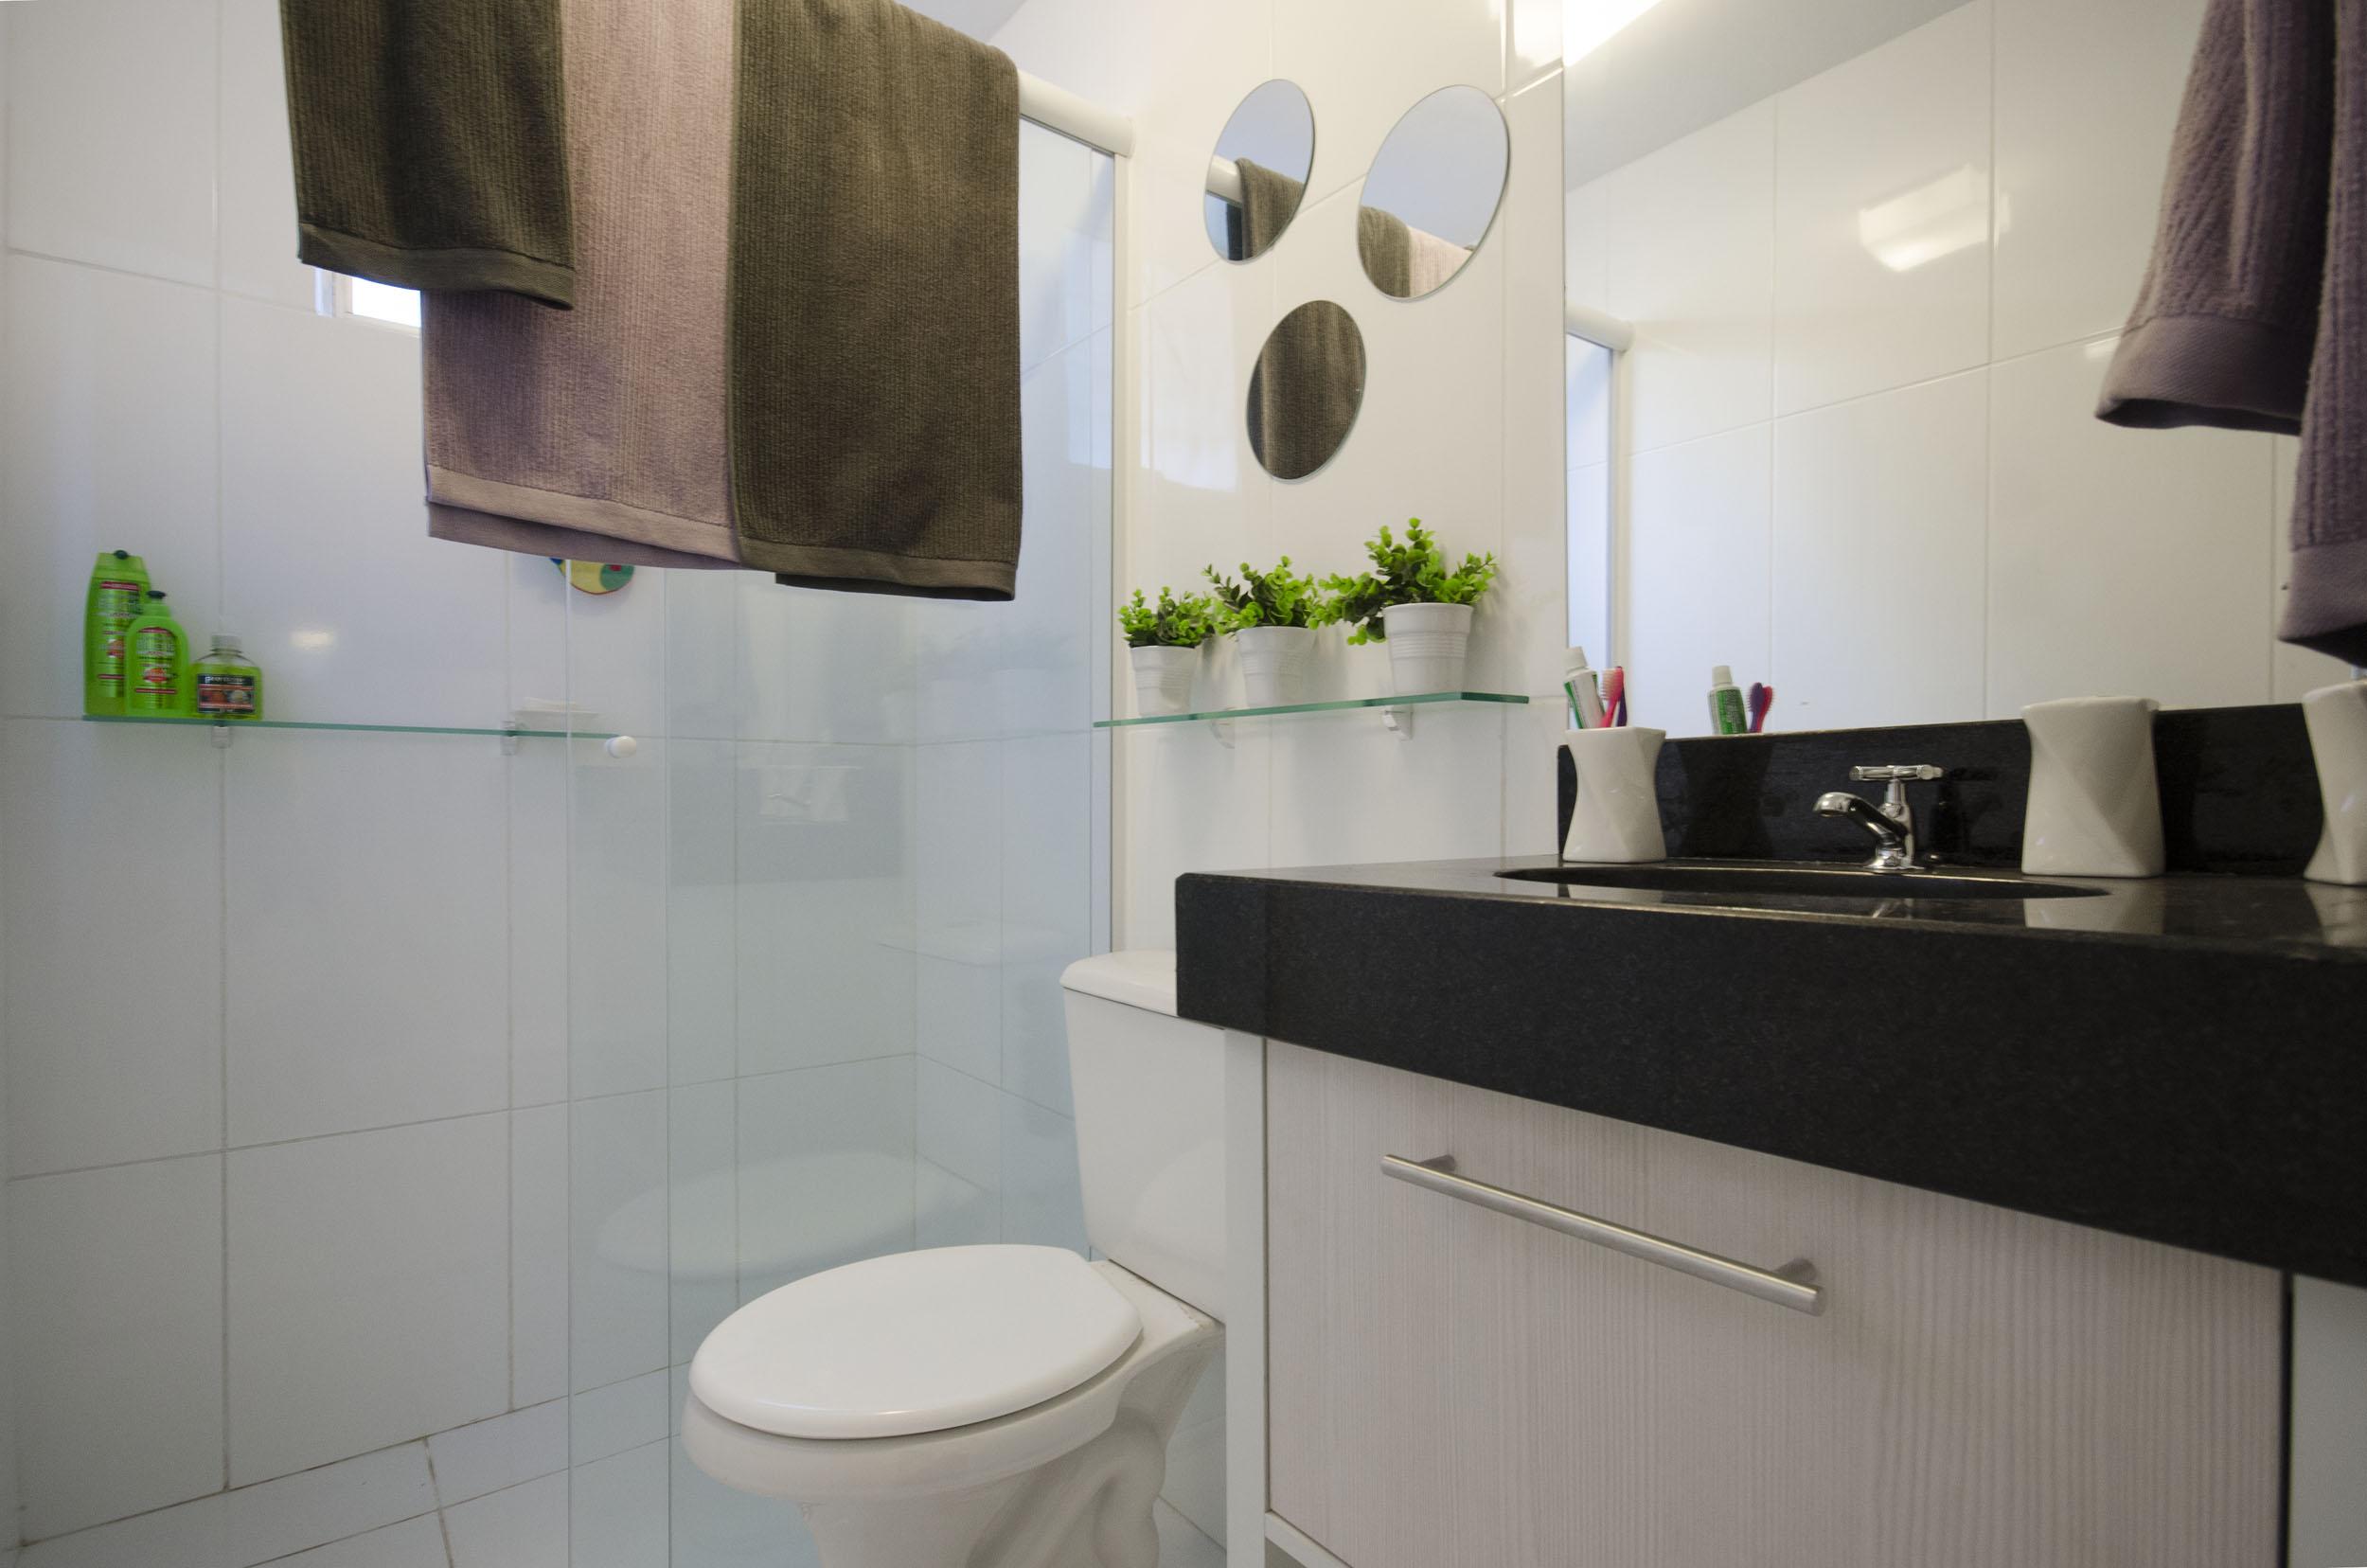 Segredos na decoração de banheiros pequenos  Blog Corporativo MRV Engenharia -> Banheiro Apartamento Decorado Adesivo